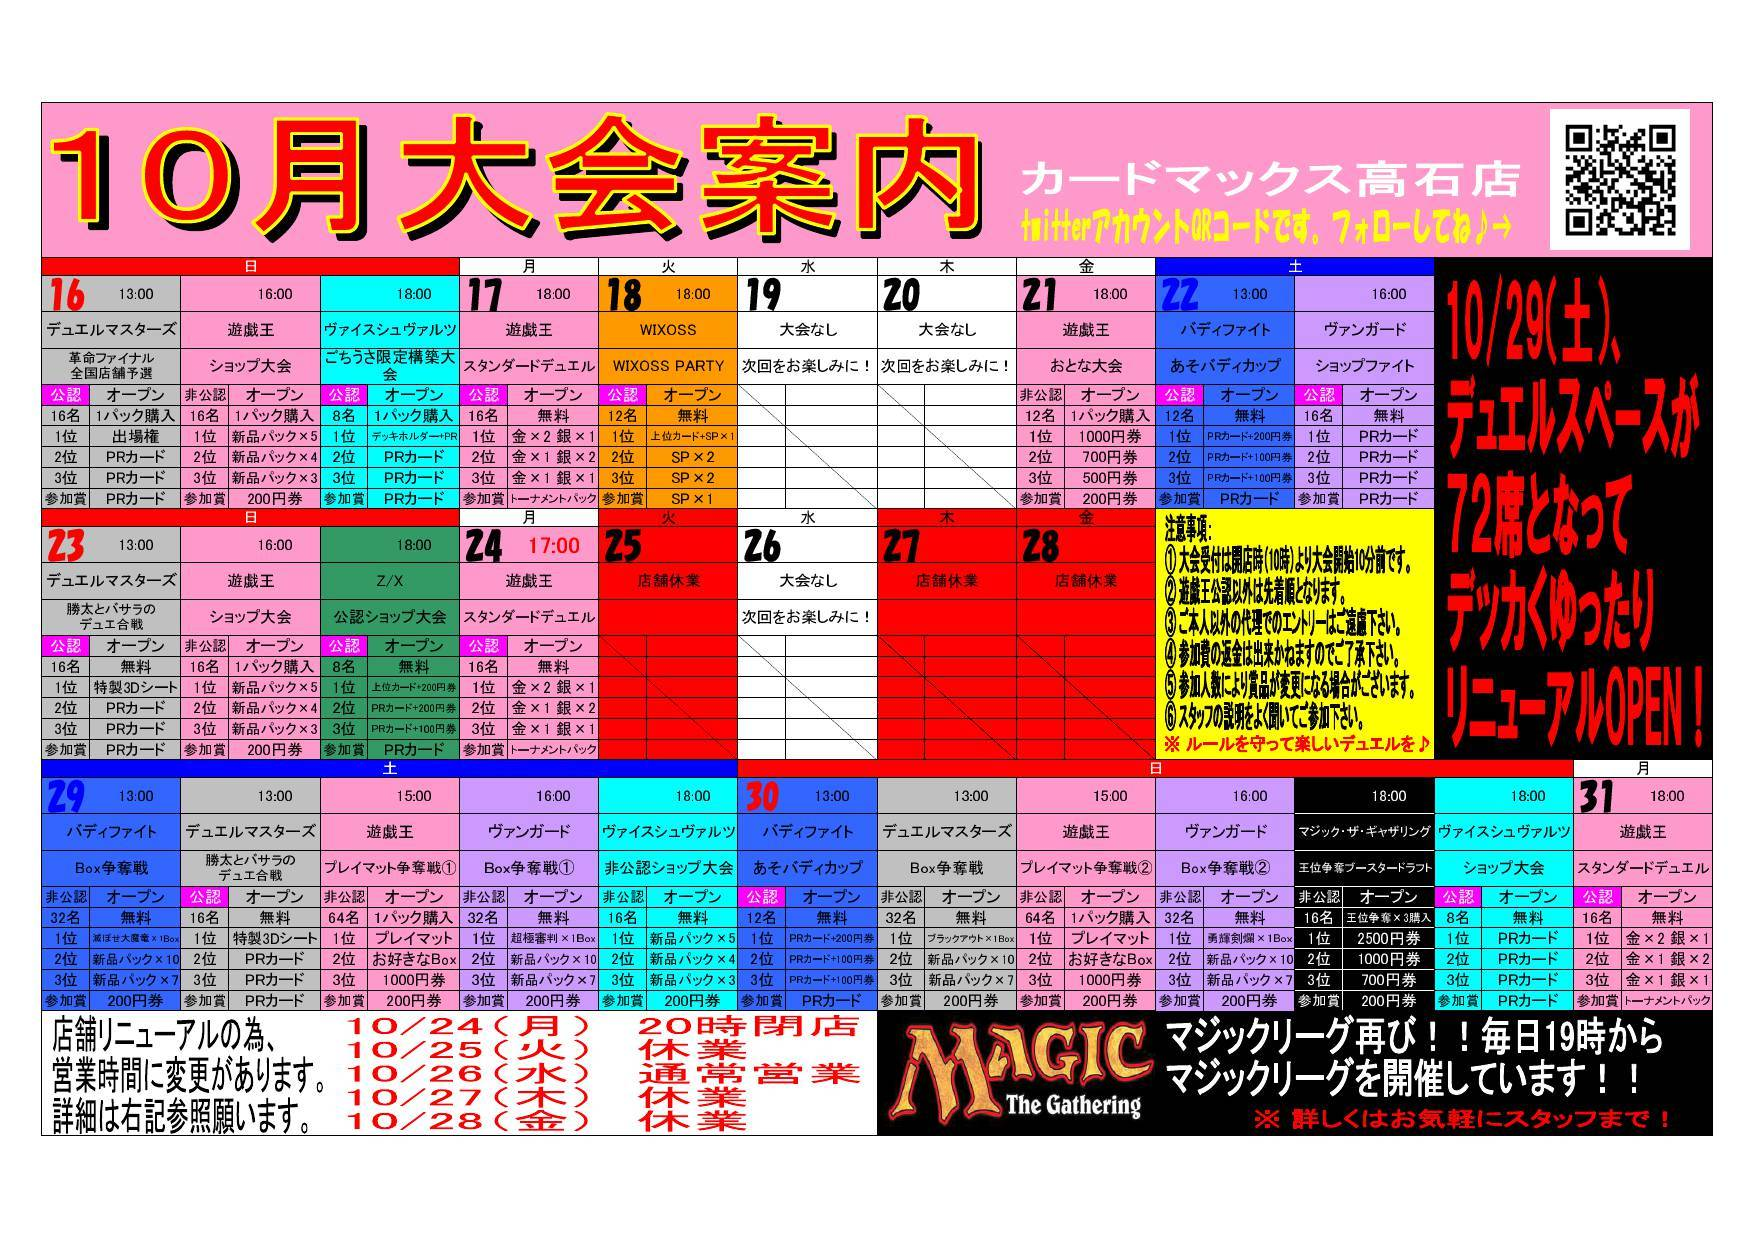 【高石店】10月後半大会情報_d0259027_22494140.jpg